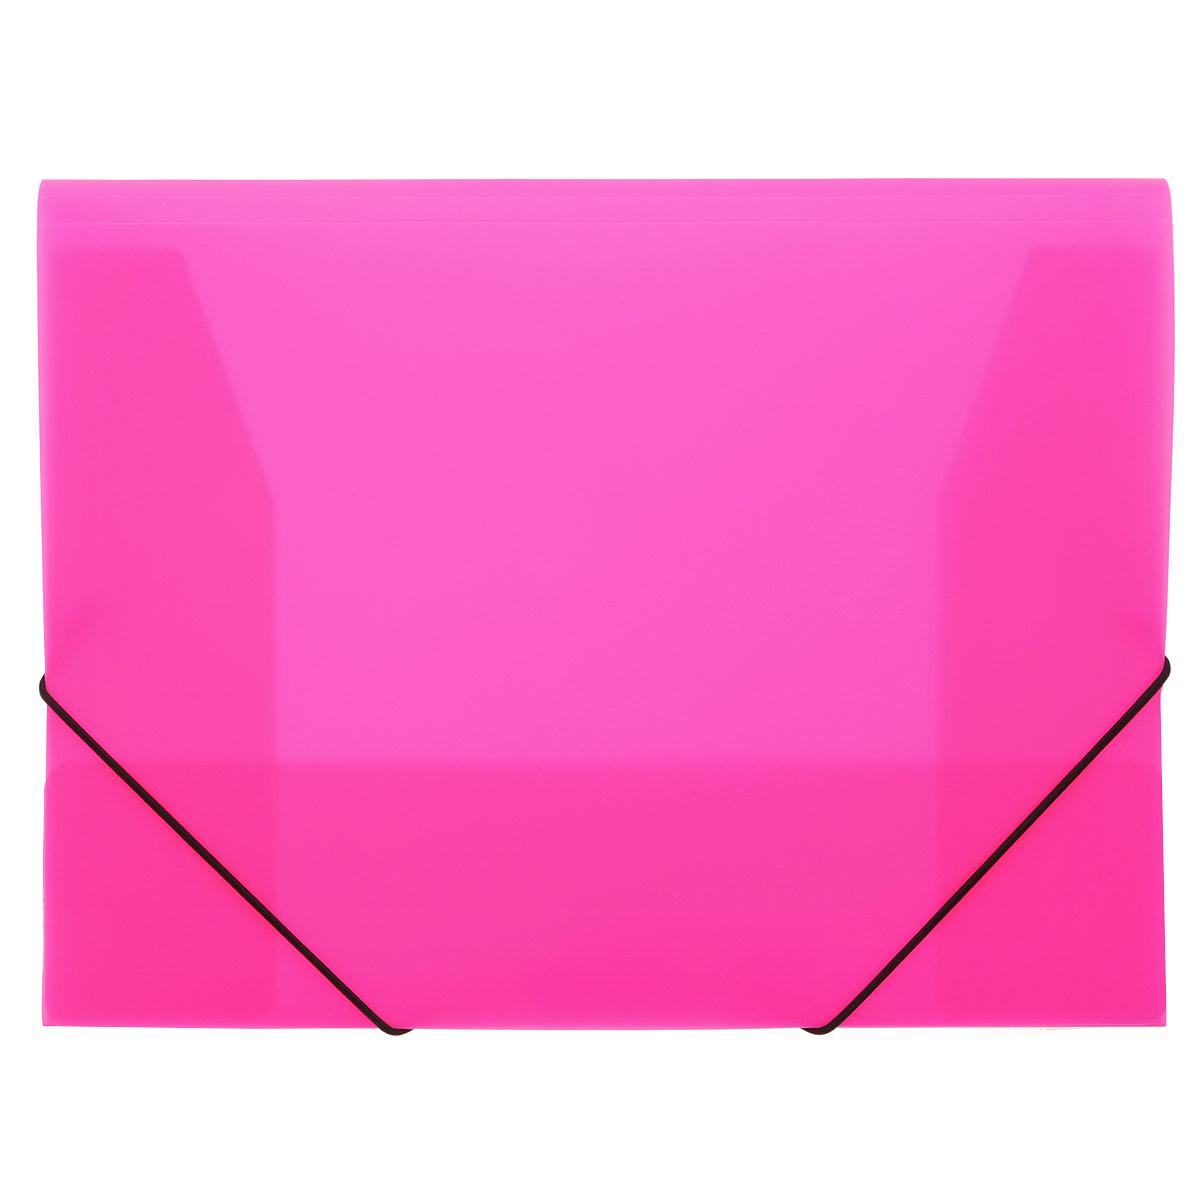 Папка на резинках Erich Krause, цвет: розовый. Формат А431018Практичная папка на резинках Erich Krause пригодится в каждом офисе для хранения документов. Папка выполнена из пластика и надежно закрывается с помощью двух эластичных угловых резинок. Папка с тремя клапанами надежно сохраняет документы от повреждений и пыли. Вмещает большое количество документов Благодаря использованию качественных материалов, безупречных технологий обработки и высокой функциональности, эти стильные изделия выдержат даже самый напряженный рабочий день.